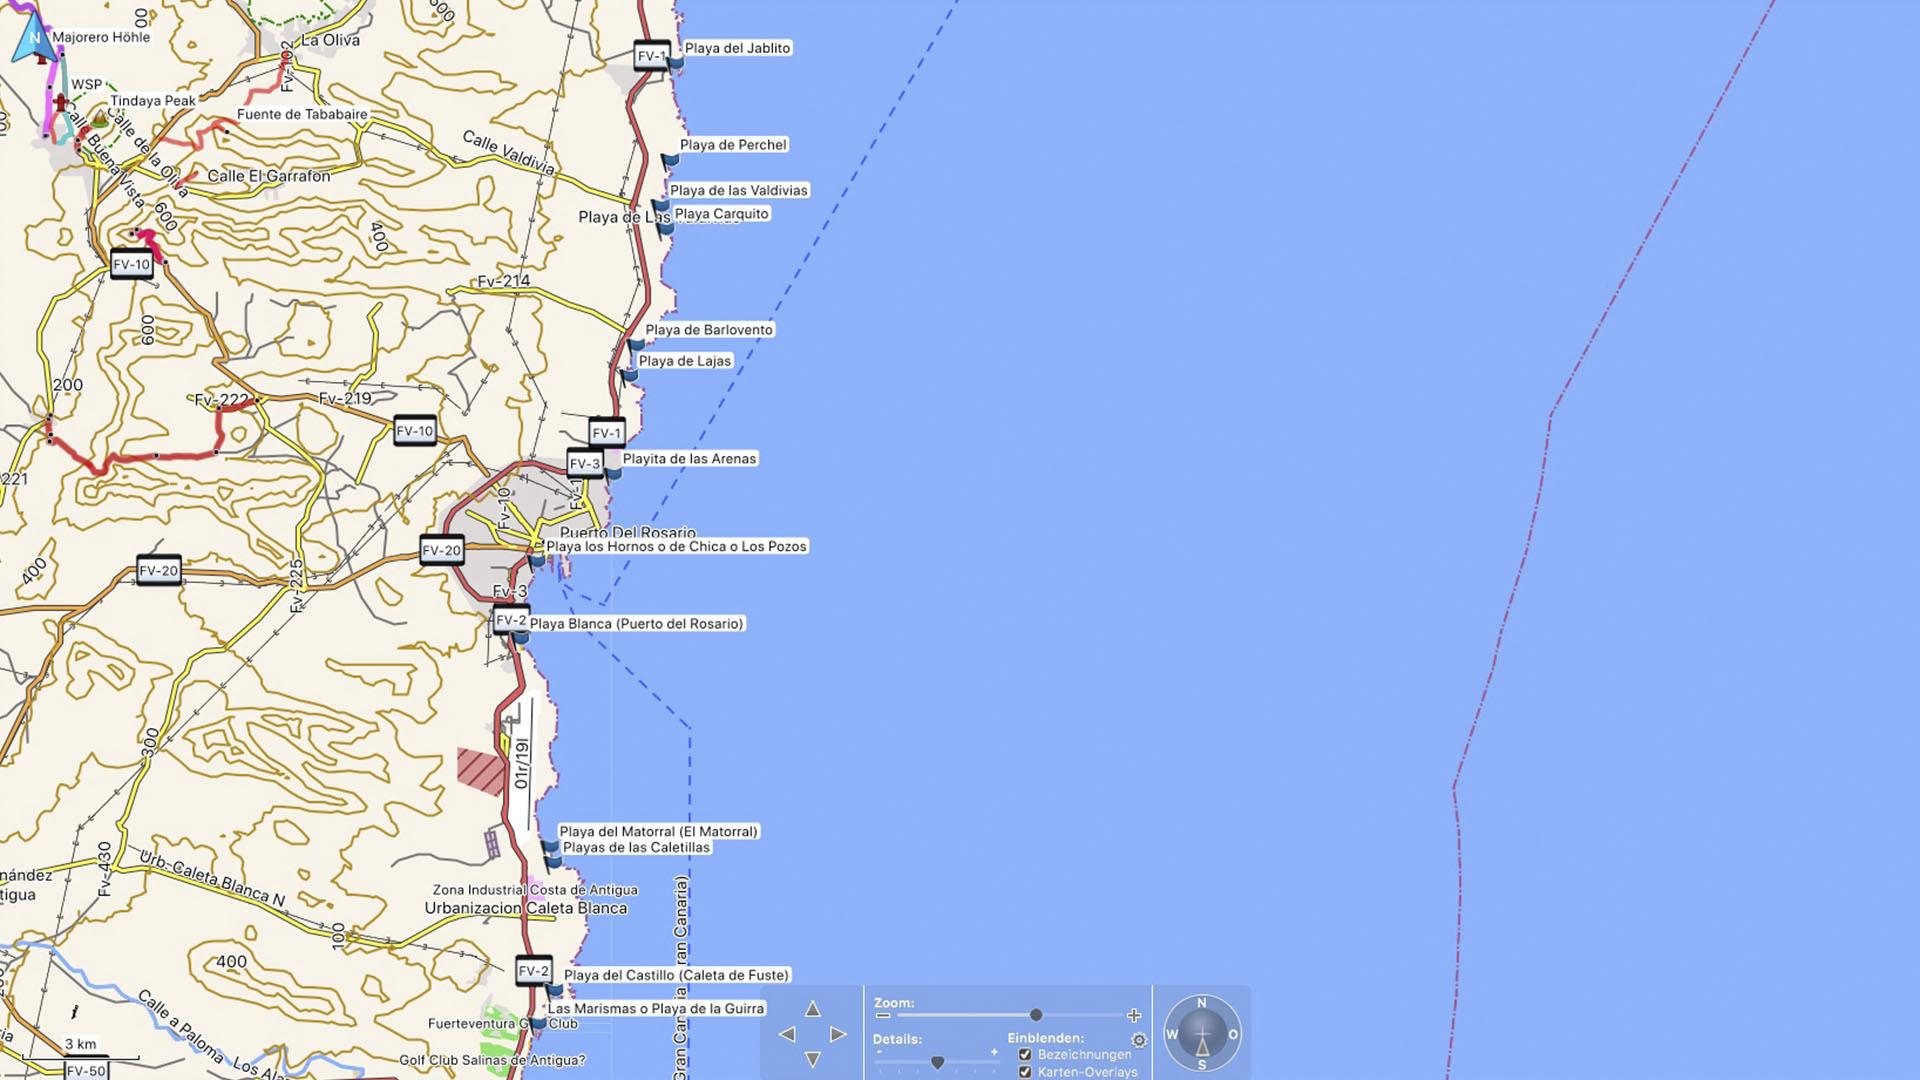 Fuerteventura Karte der Straende: Die Strände in der Gemeinde Puerto del Rosario Ost-Küste.